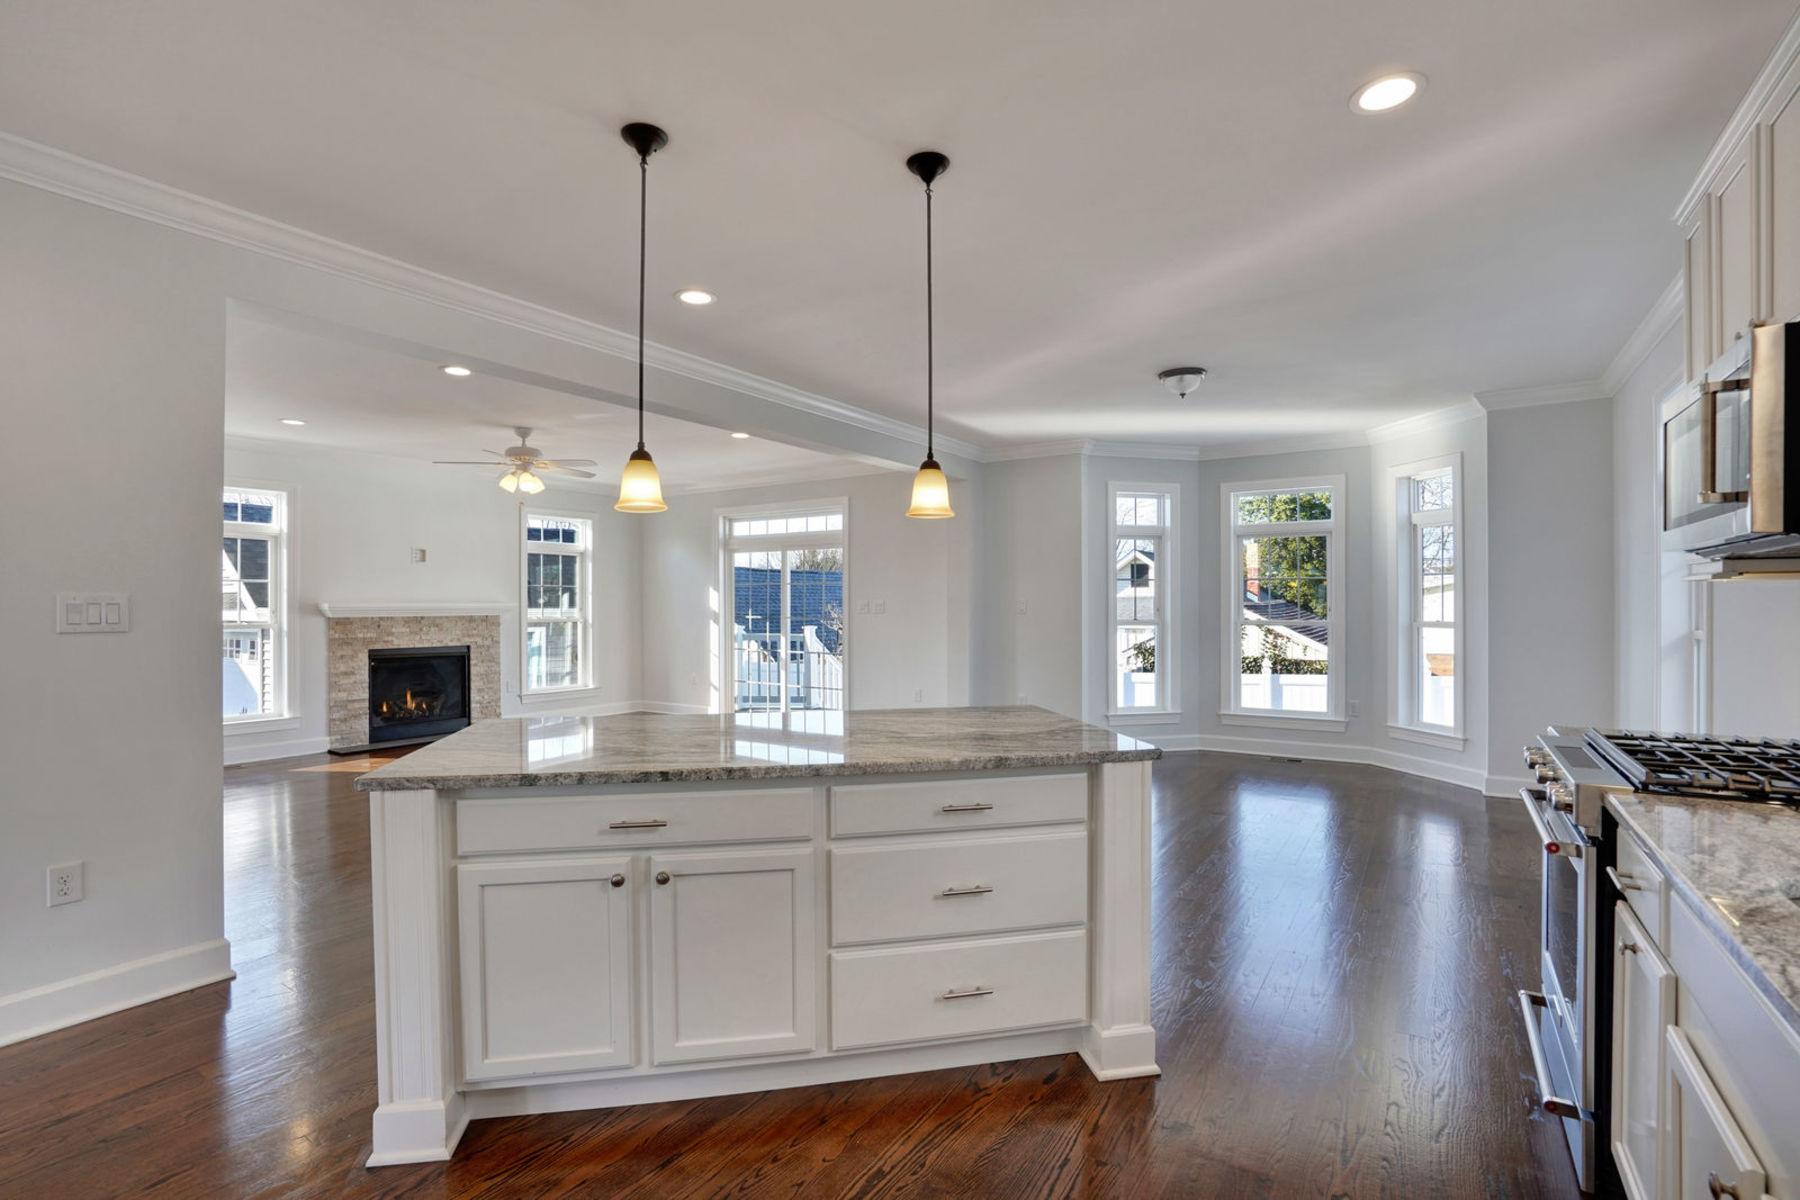 Maison unifamiliale pour l Vente à New Construction With Open Floor Plan 512 16th Ave, Belmar, New Jersey 07719 États-Unis